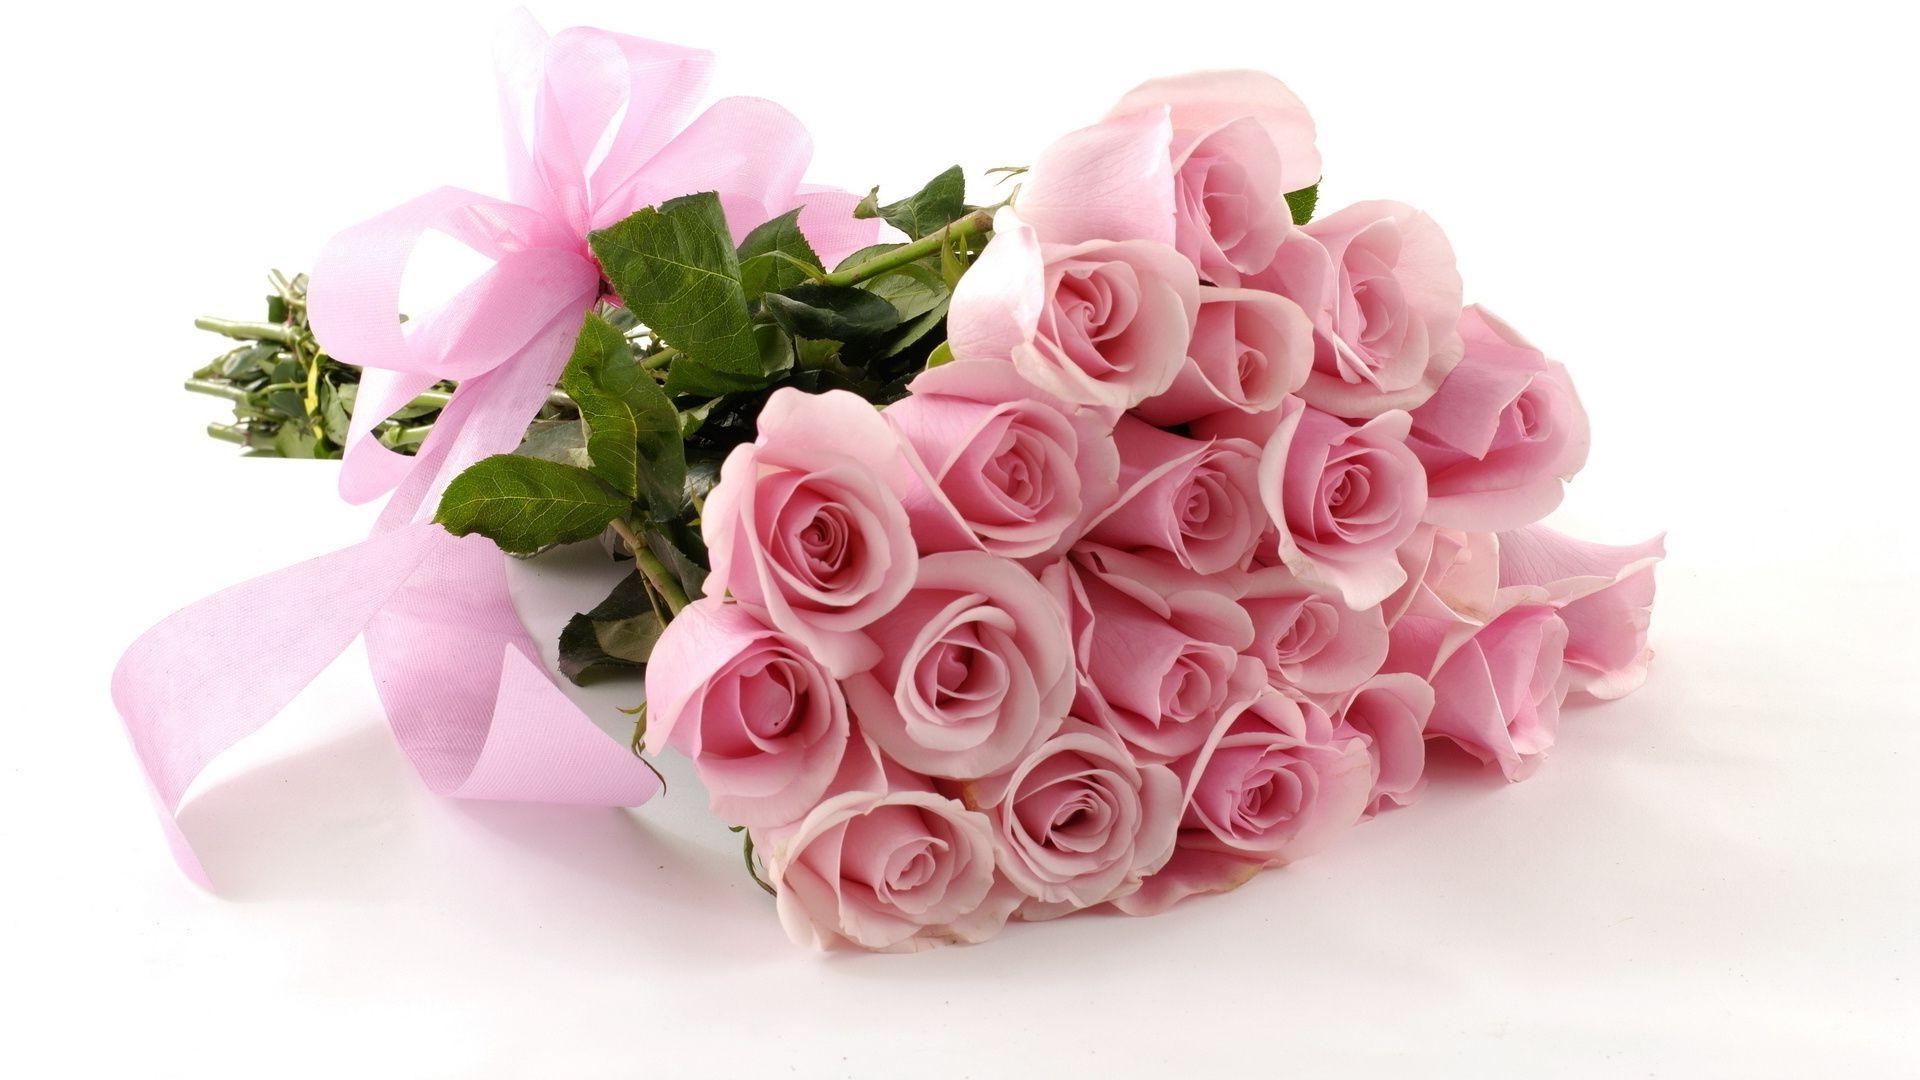 розы,упаковка,букет,праздник  № 759818 загрузить